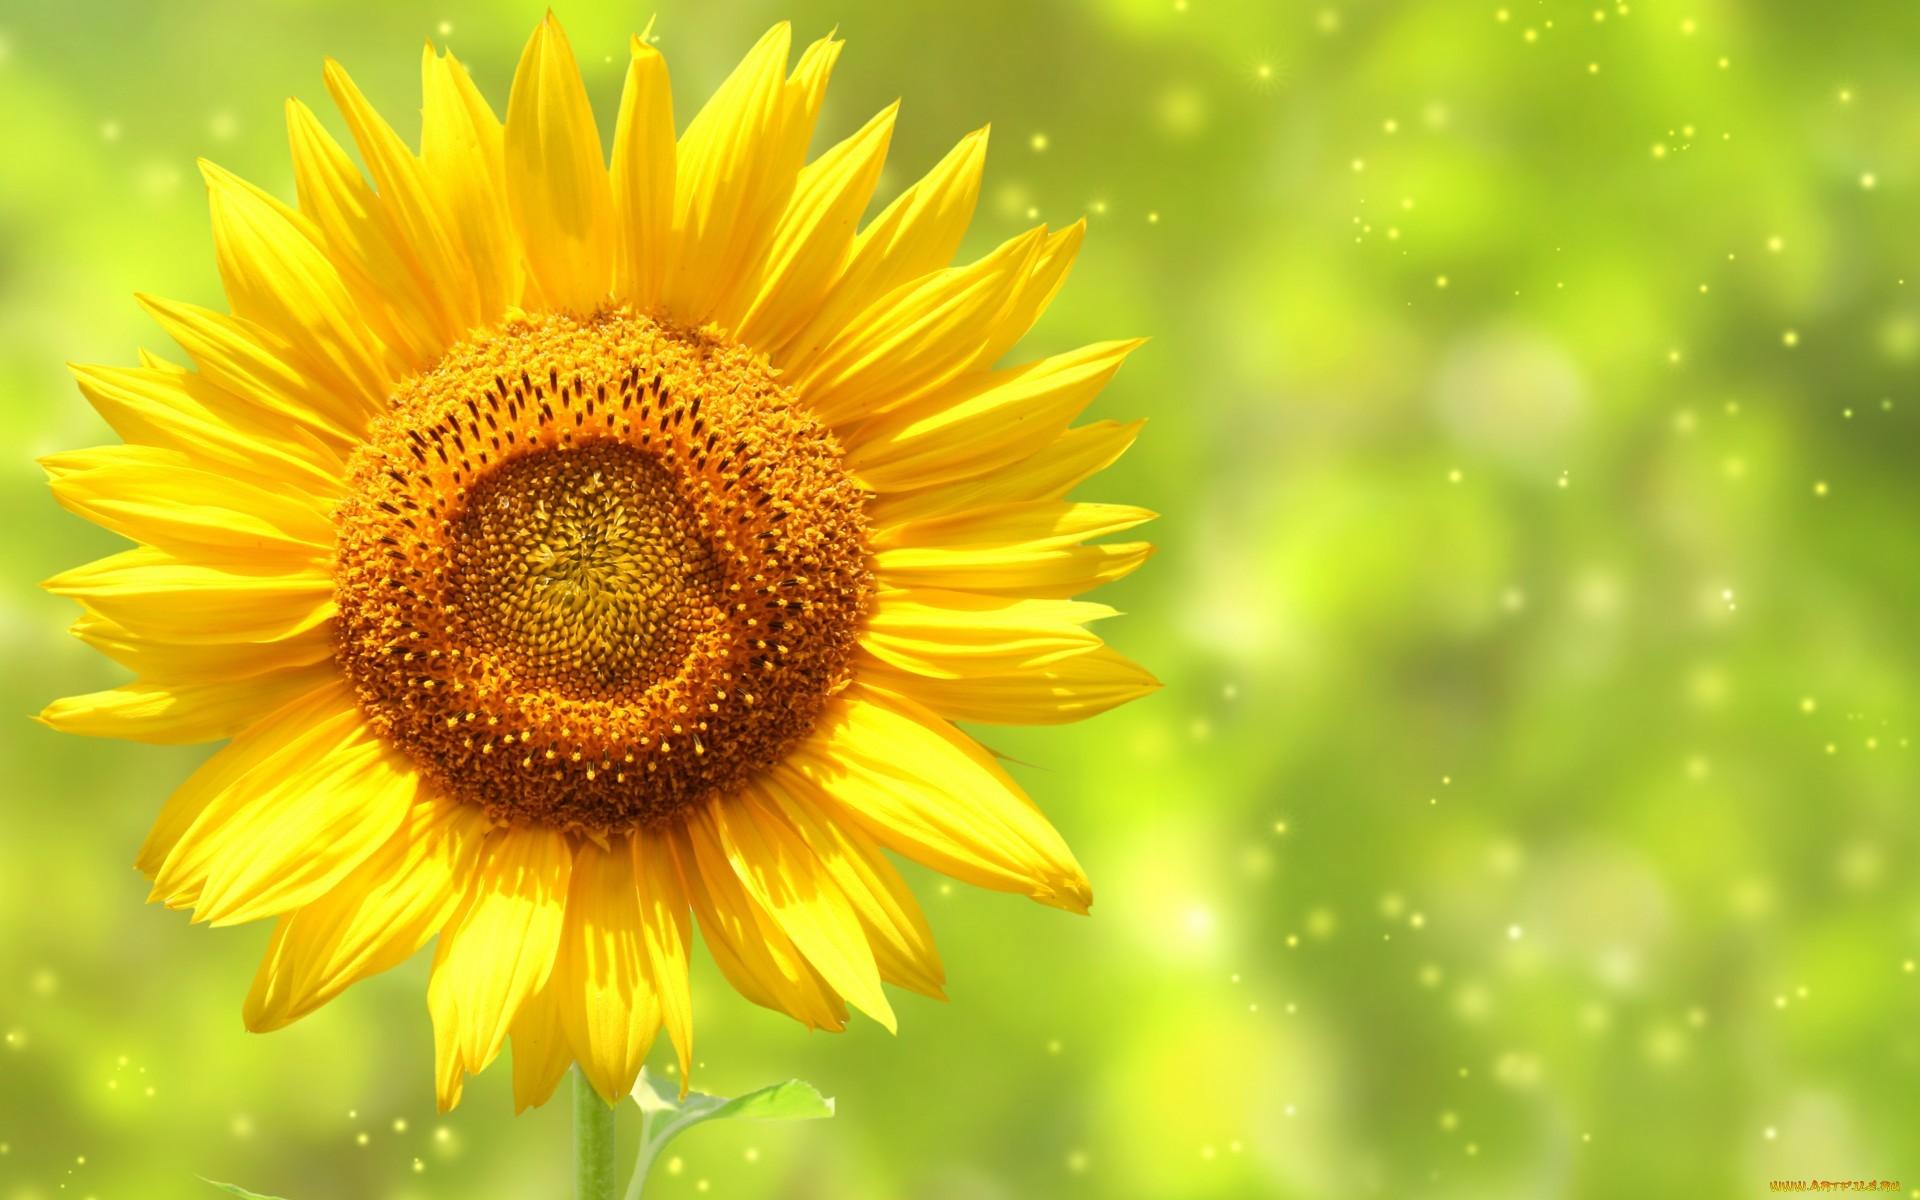 26228 Заставки и Обои Подсолнухи на телефон. Скачать Растения, Цветы, Фон, Подсолнухи картинки бесплатно